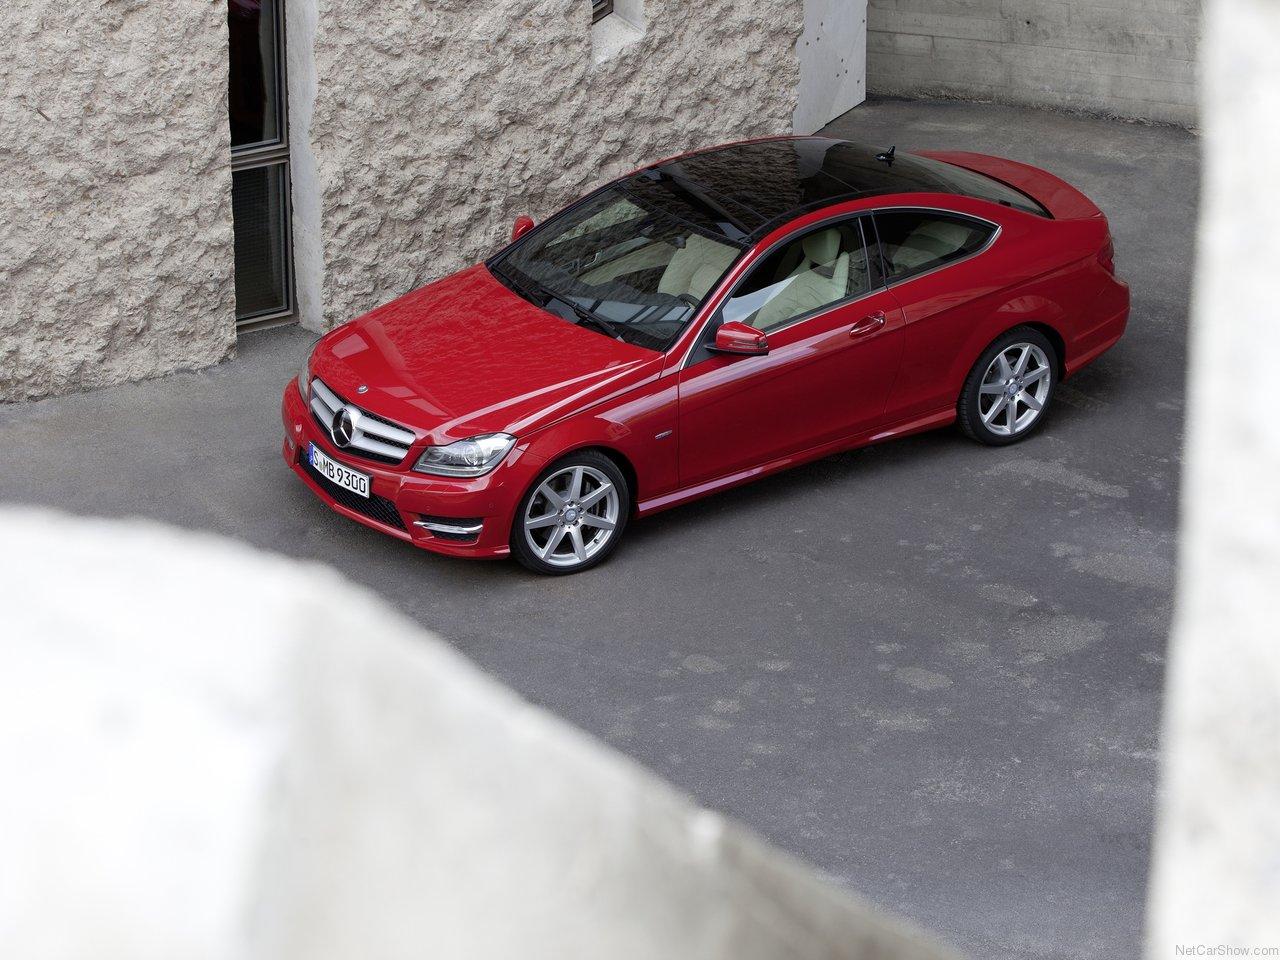 http://2.bp.blogspot.com/-IHd6mFz8HX4/TV_mdQCb3iI/AAAAAAACJmA/YLEyiNpcRgk/s1600/Mercedes-Benz-C-Class_Coupe_2012_1280x960_wallpaper_09.jpg